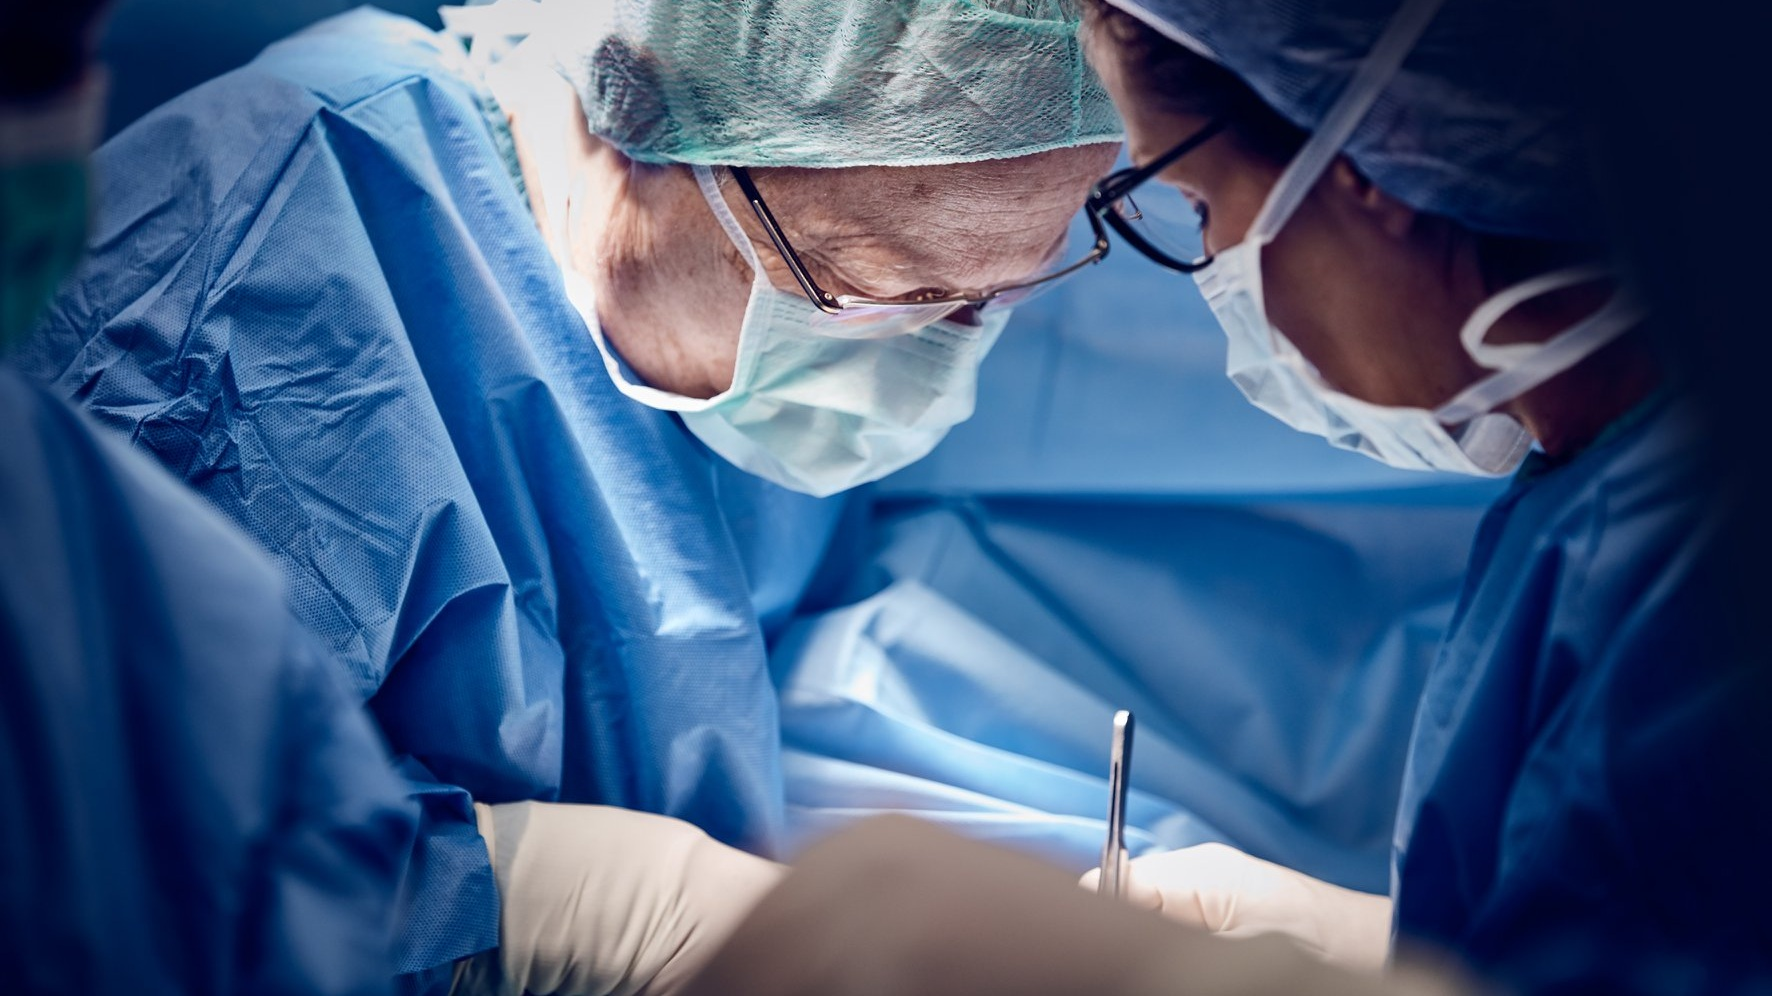 Anwendungsbeispiel - RCT bei Patienten mit Plattenepithel-Karzinomen der Tonsillen